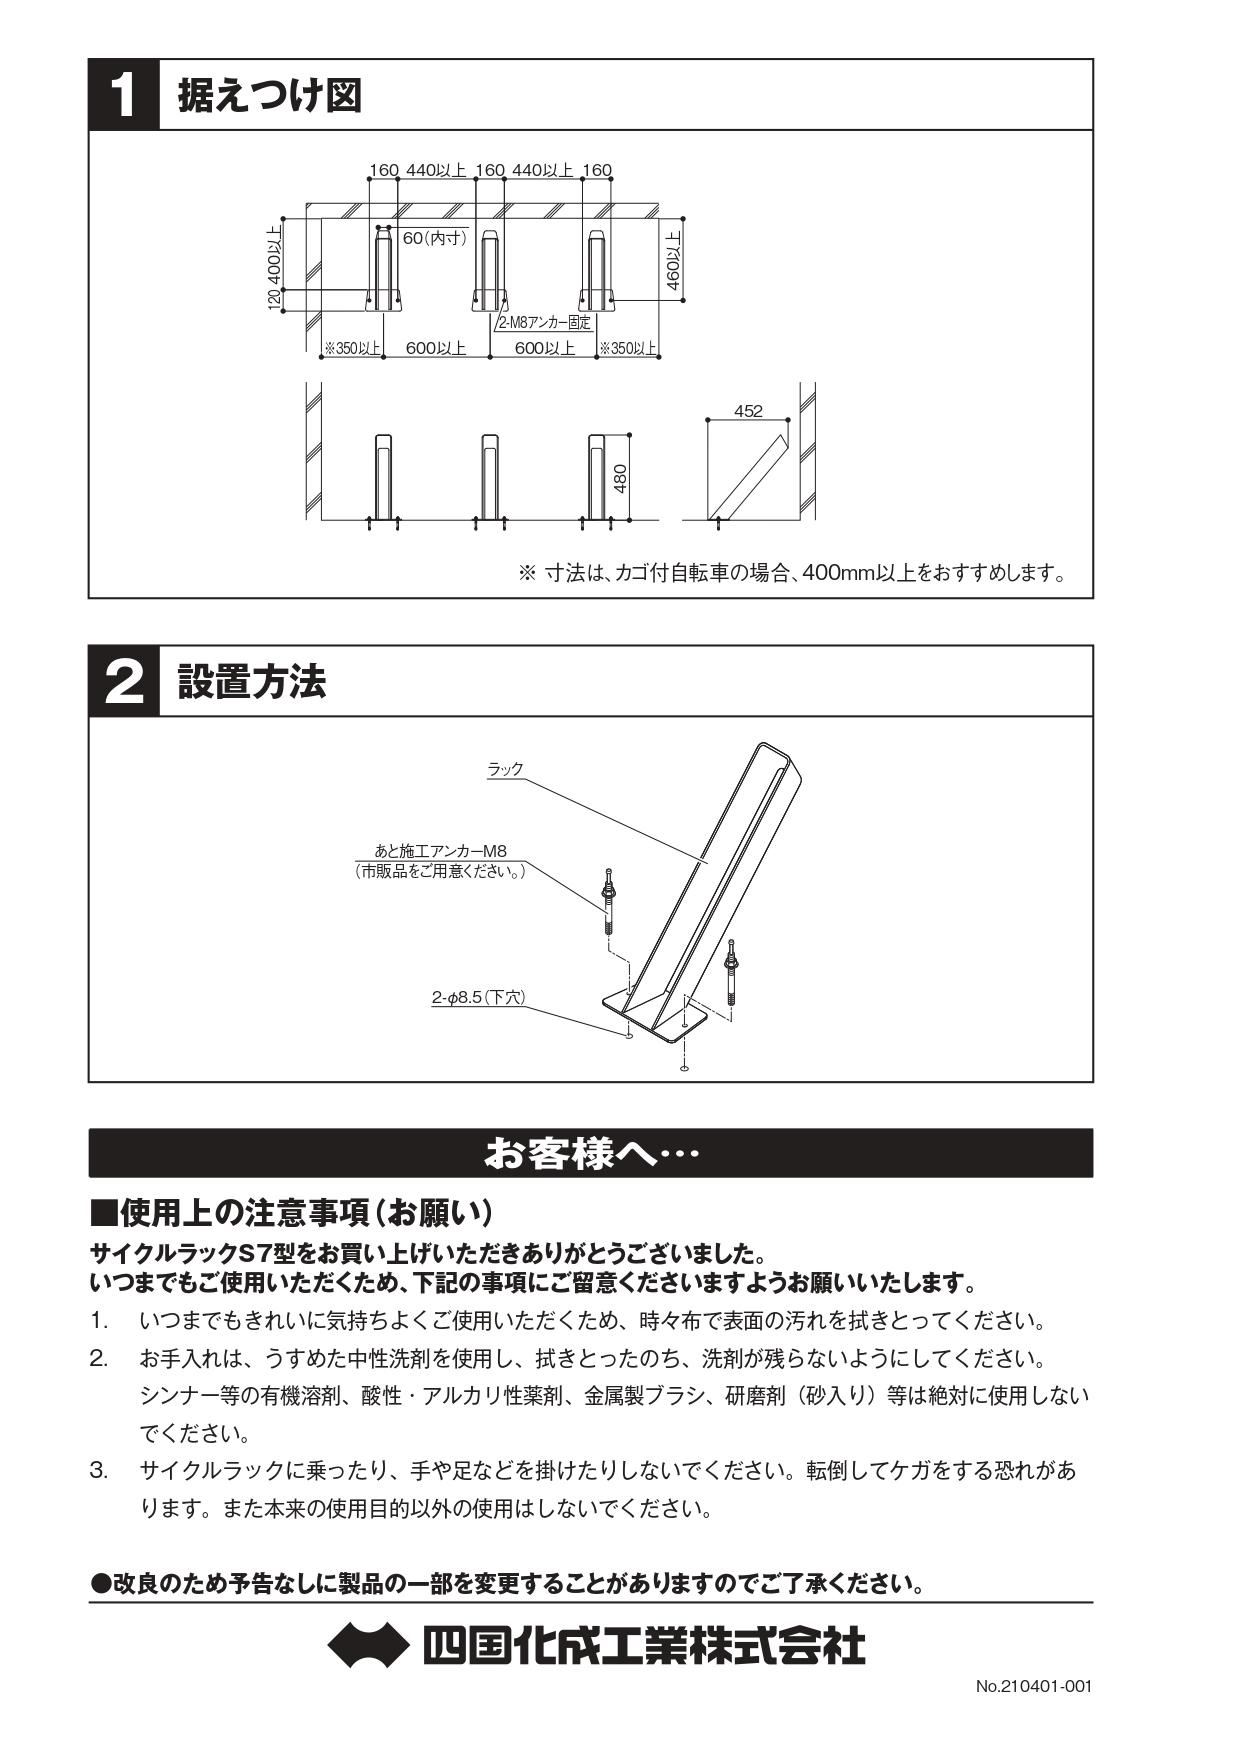 サイクルラックS7型 施工説明書_page-0002